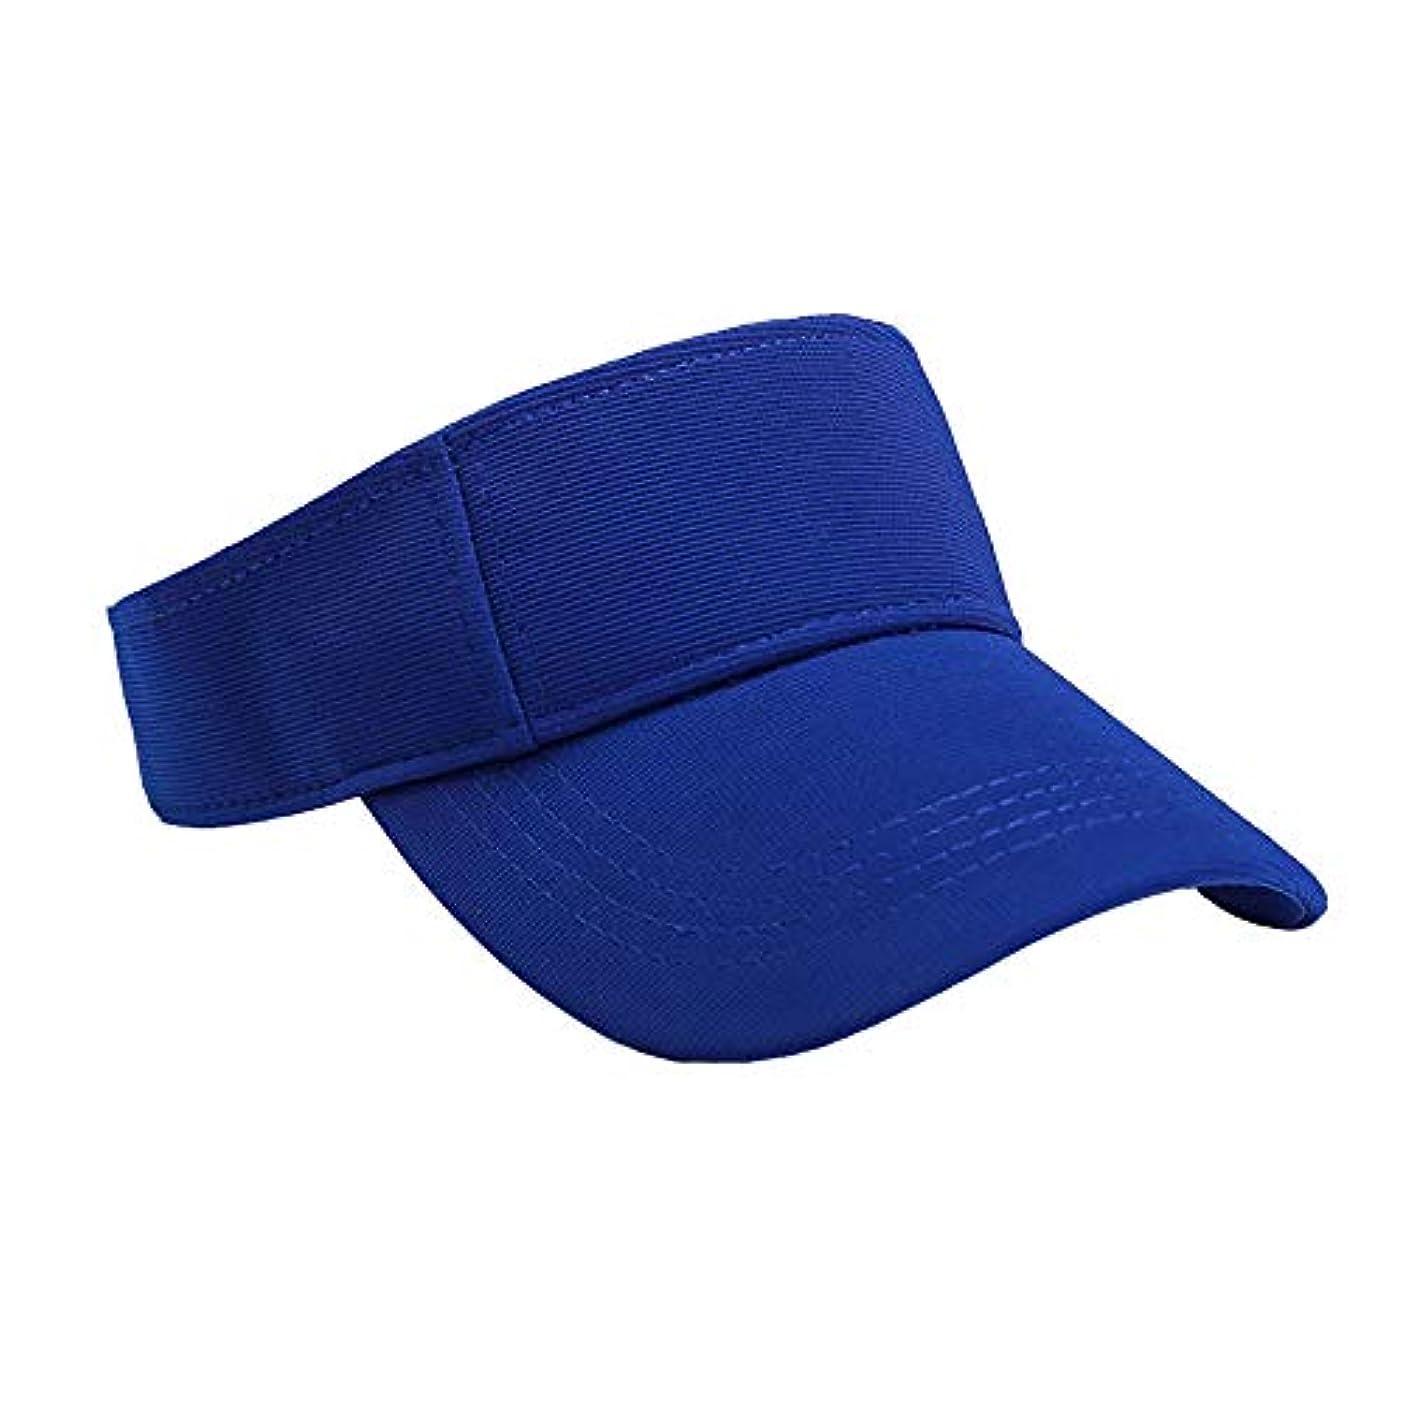 広げる偏見限りなくMerssavo ユニセックスサマースポーツキャップ、サン帽子レディーステニスゴルフバイザーメッシュ野球帽、調節可能な屋外オープントップヘッドトラベルハイキング帽子、ブルー